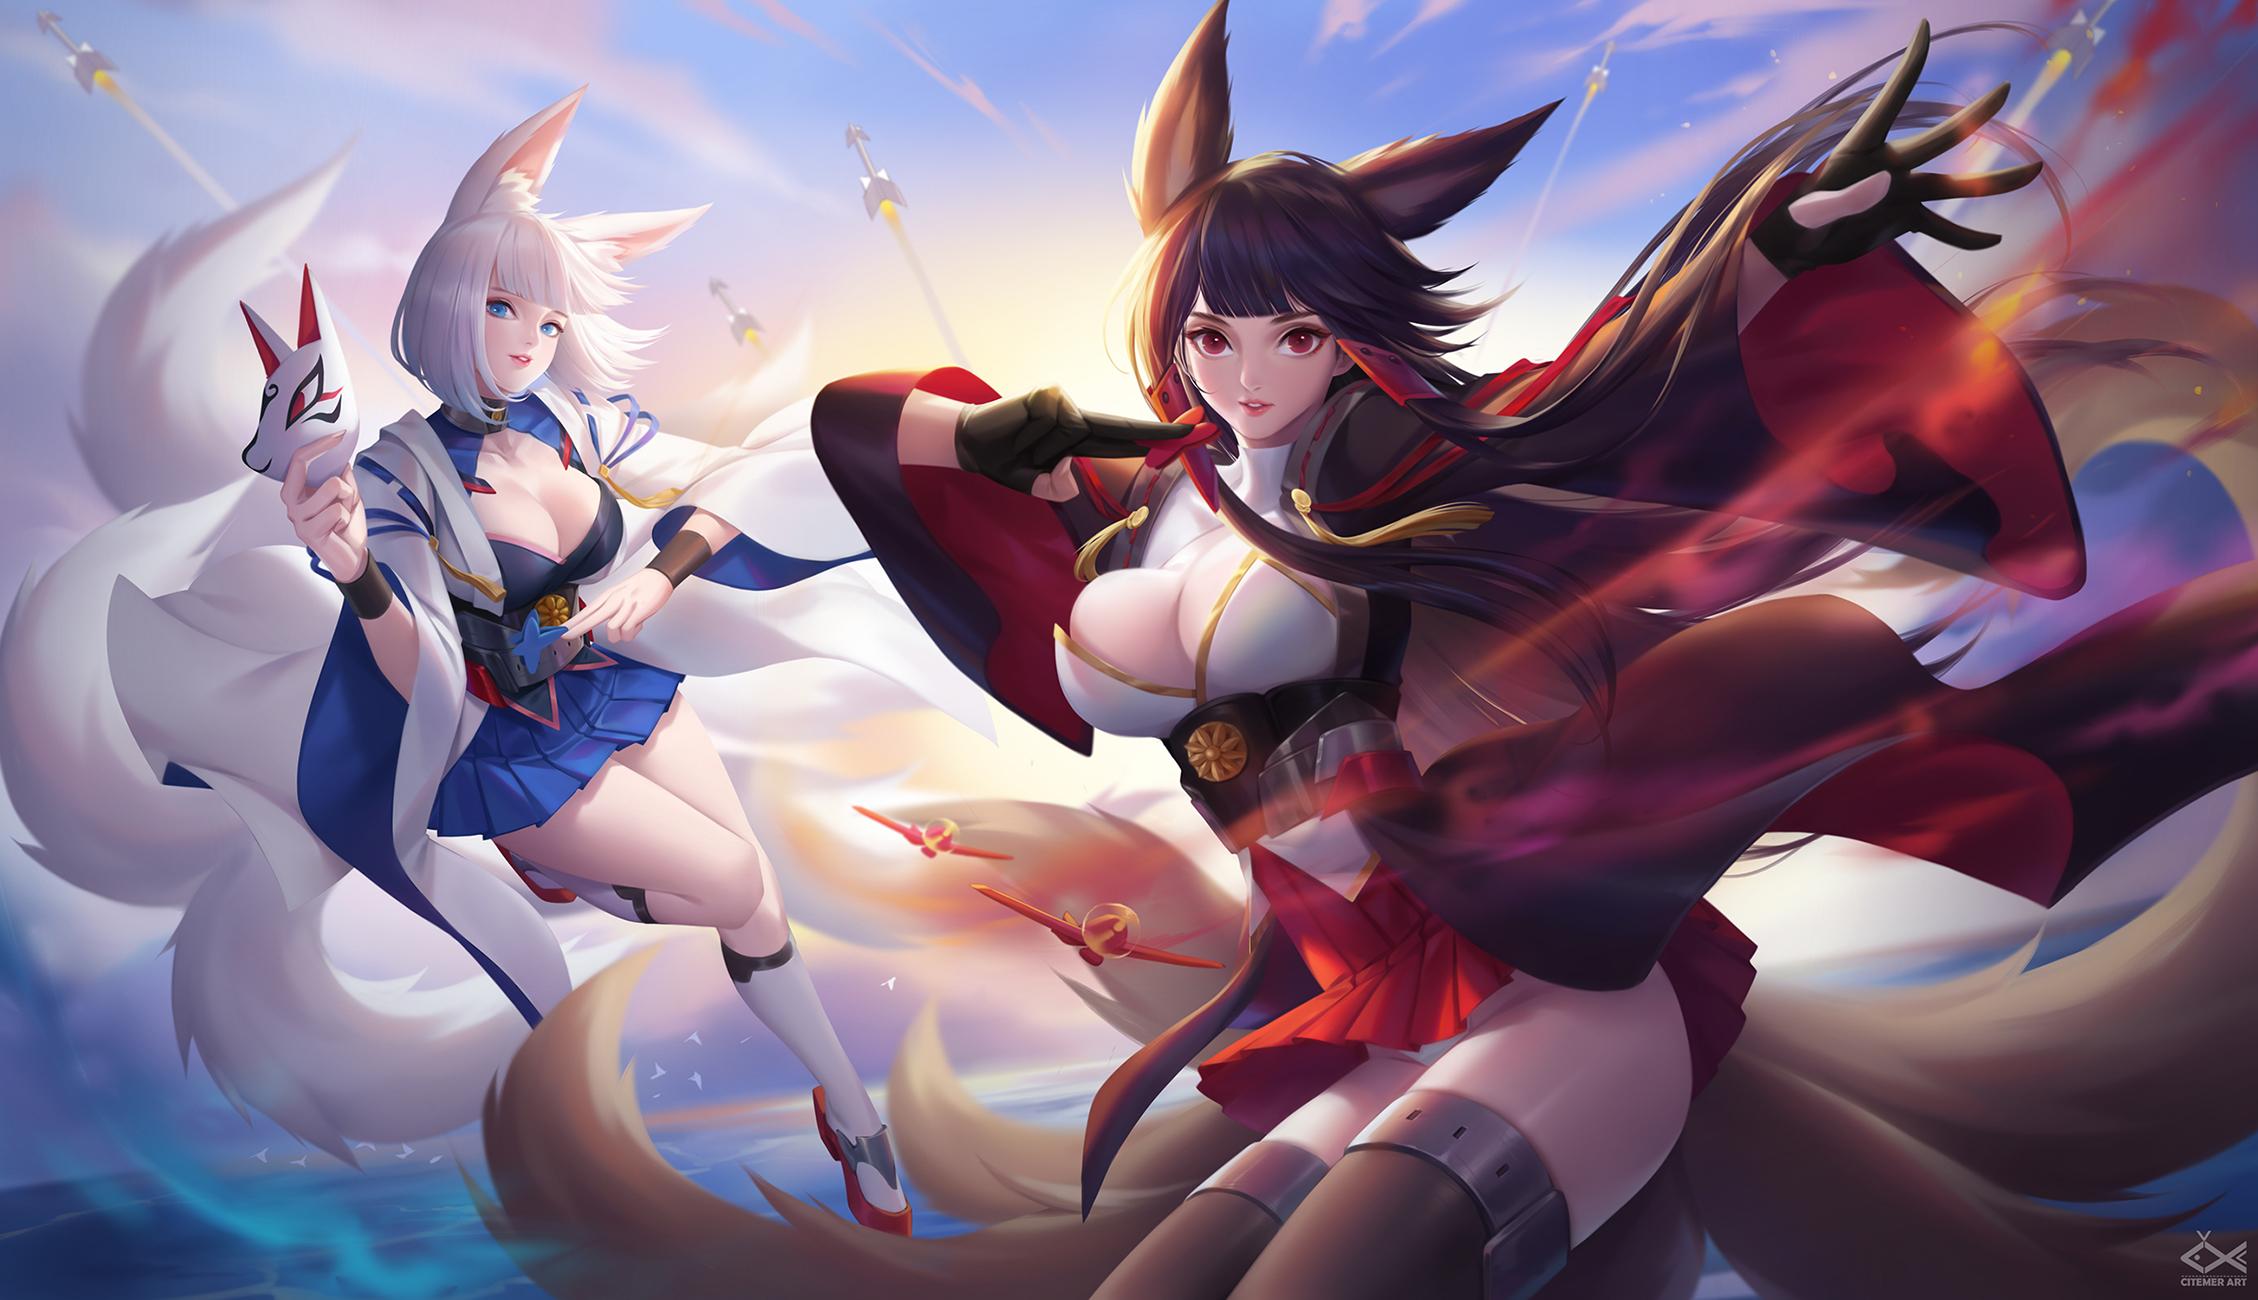 Wallpaper Azur Lane Akagi Azur Lane Kaga Azur Lane Anime Girls